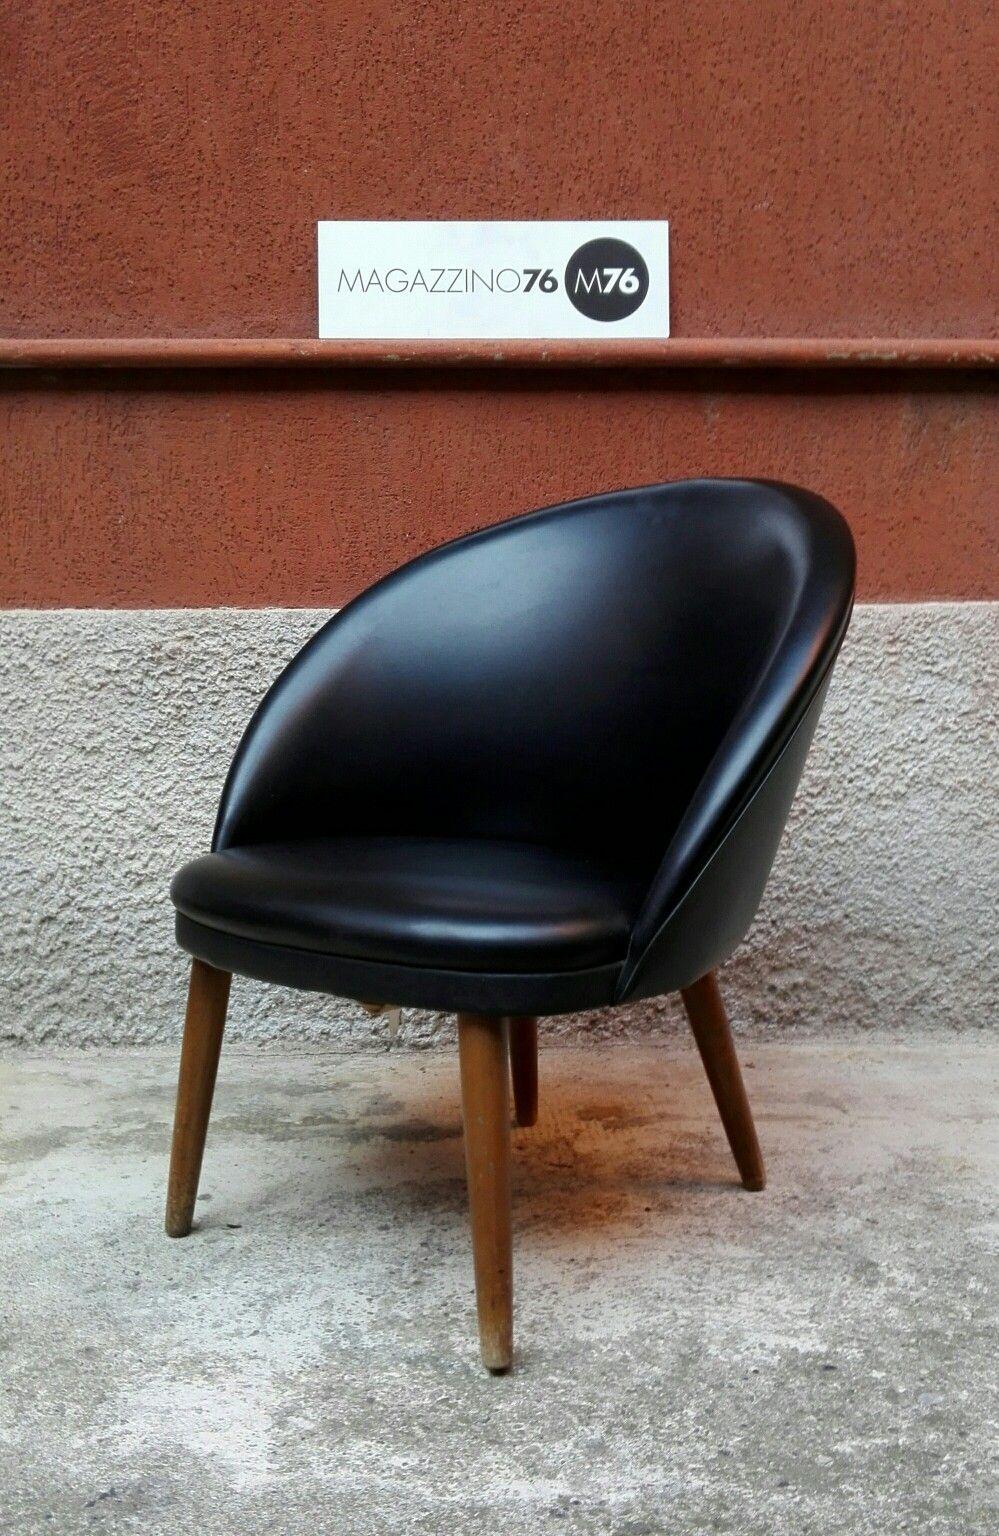 Poltrone In Pelle Milano.Magazzino 76 Nel 2019 Arredamento Poltrone E Magazzino